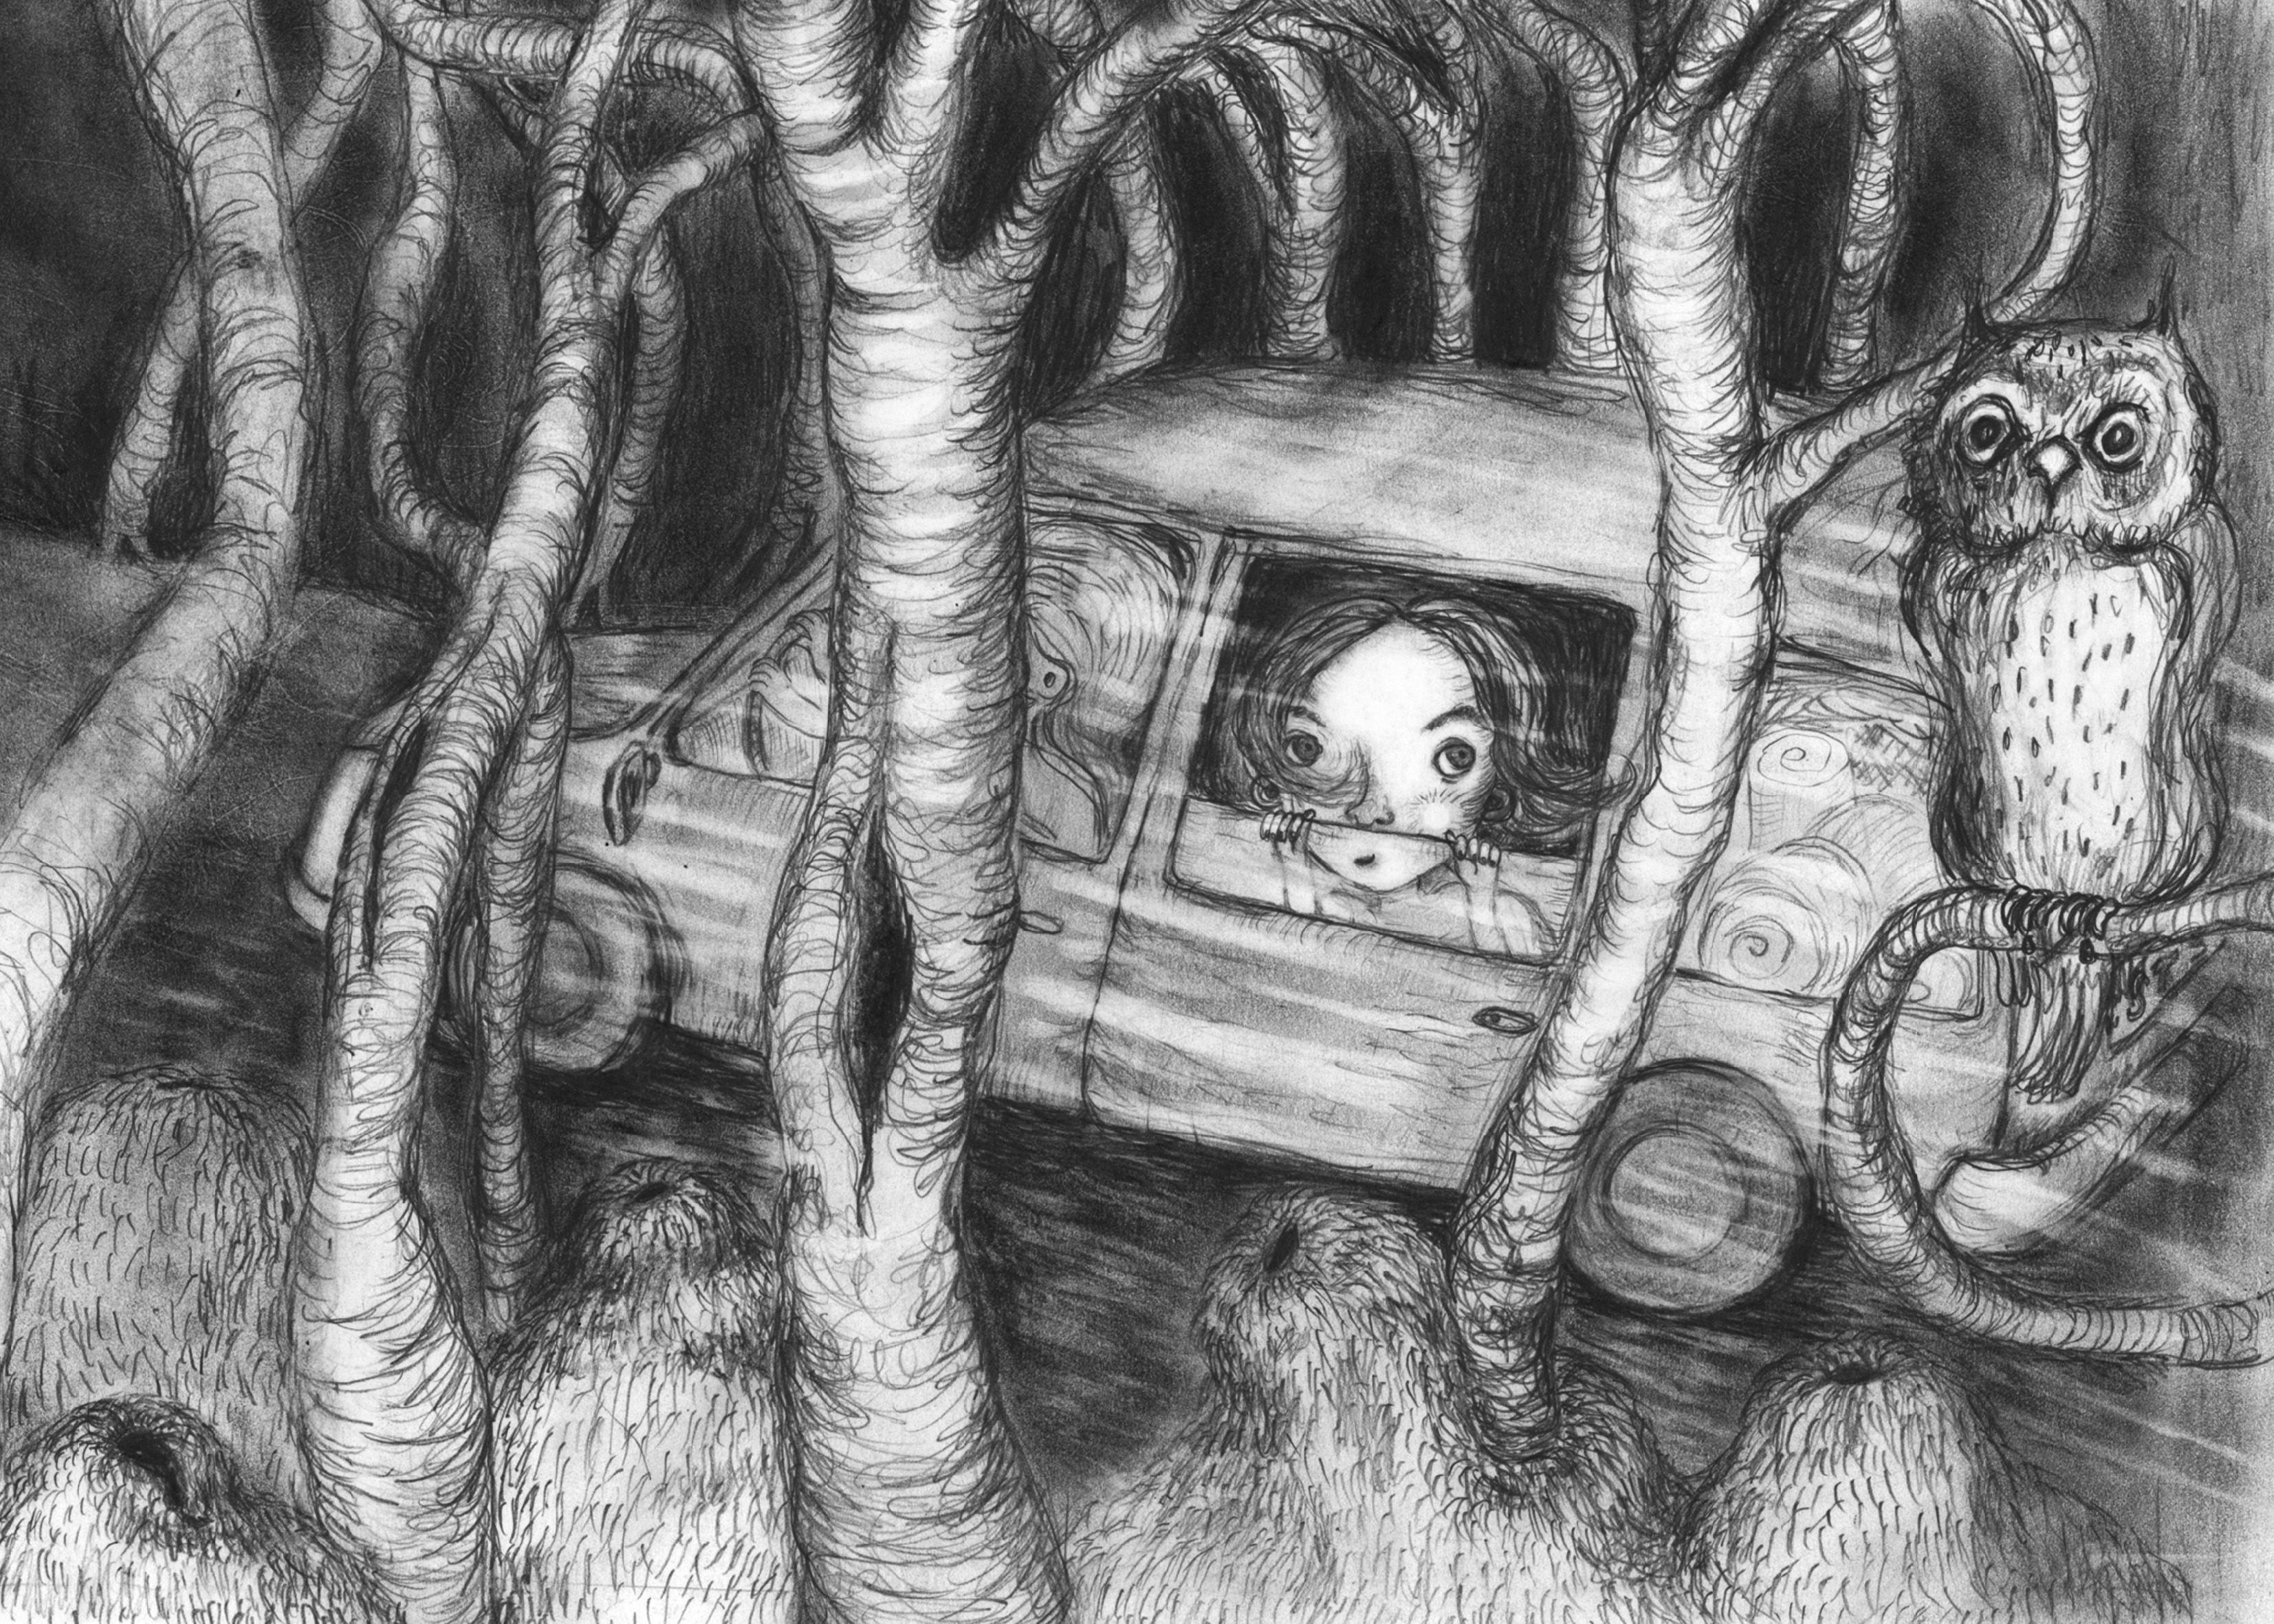 """Illustration til første del af bogserien """"Tove tænker"""" Den hedder """"Dobbelt så gammel"""" og er skrevet af forfatter/writer Mette Vedsø. Henvender sig til børn i alderen 8-10 år"""